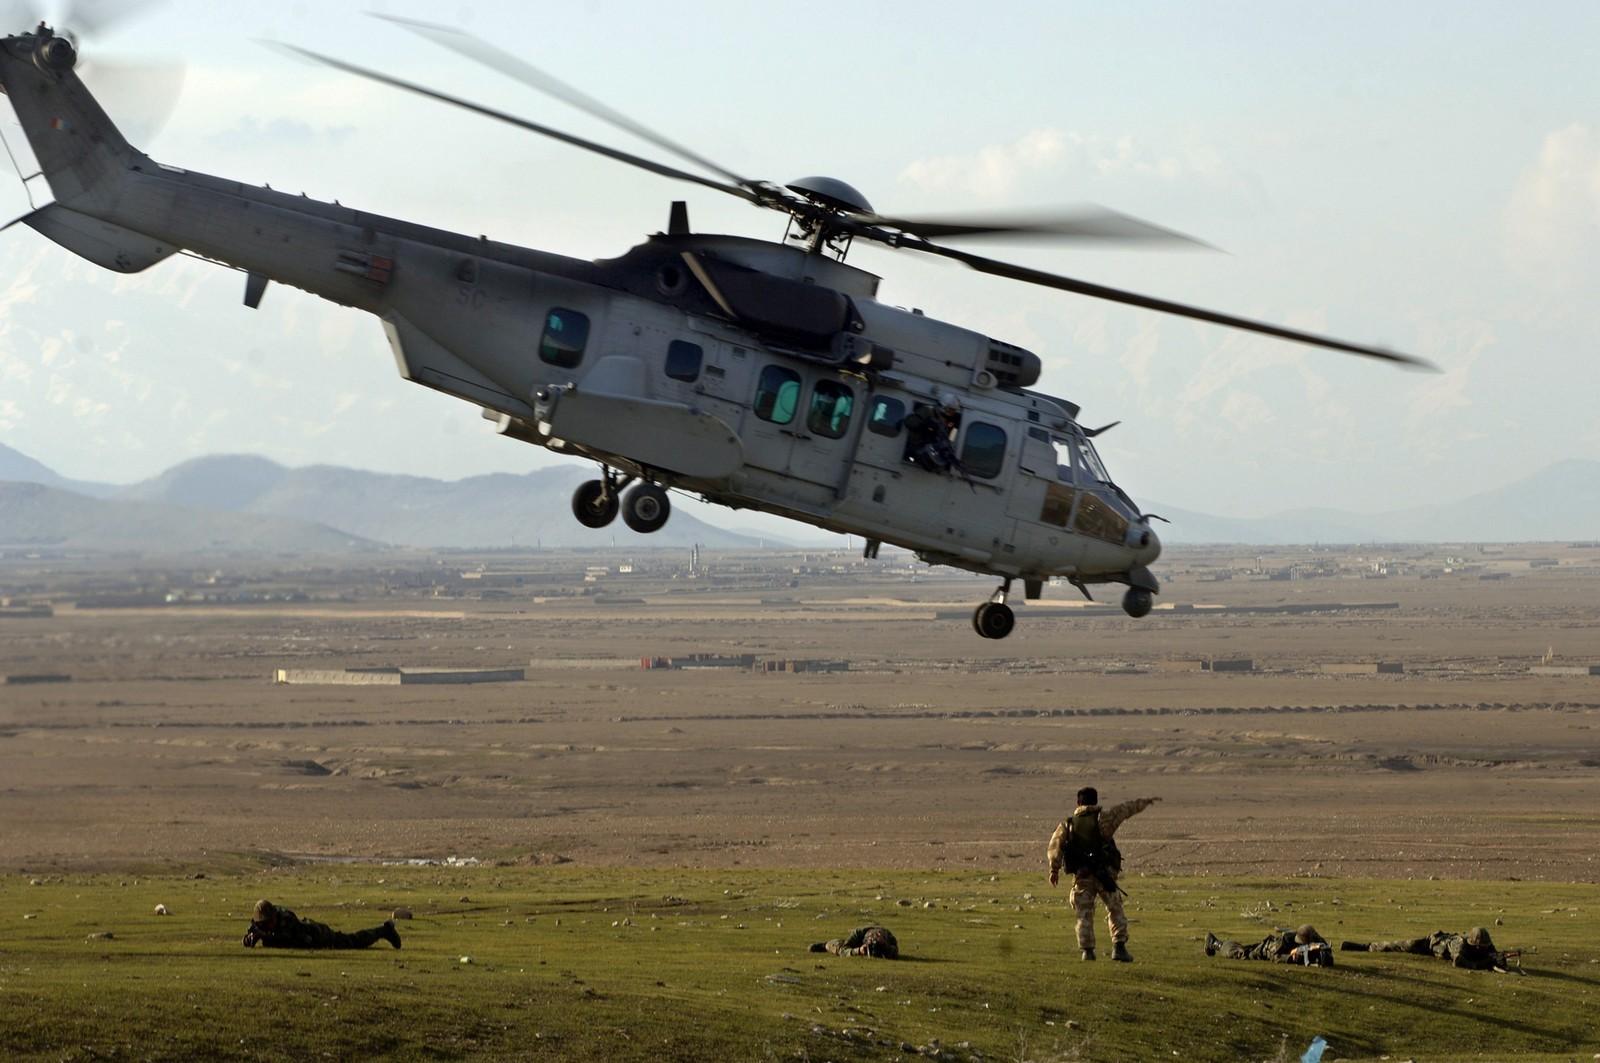 헬기 전력의 수송능력을 늘리려는 프랑스군 外